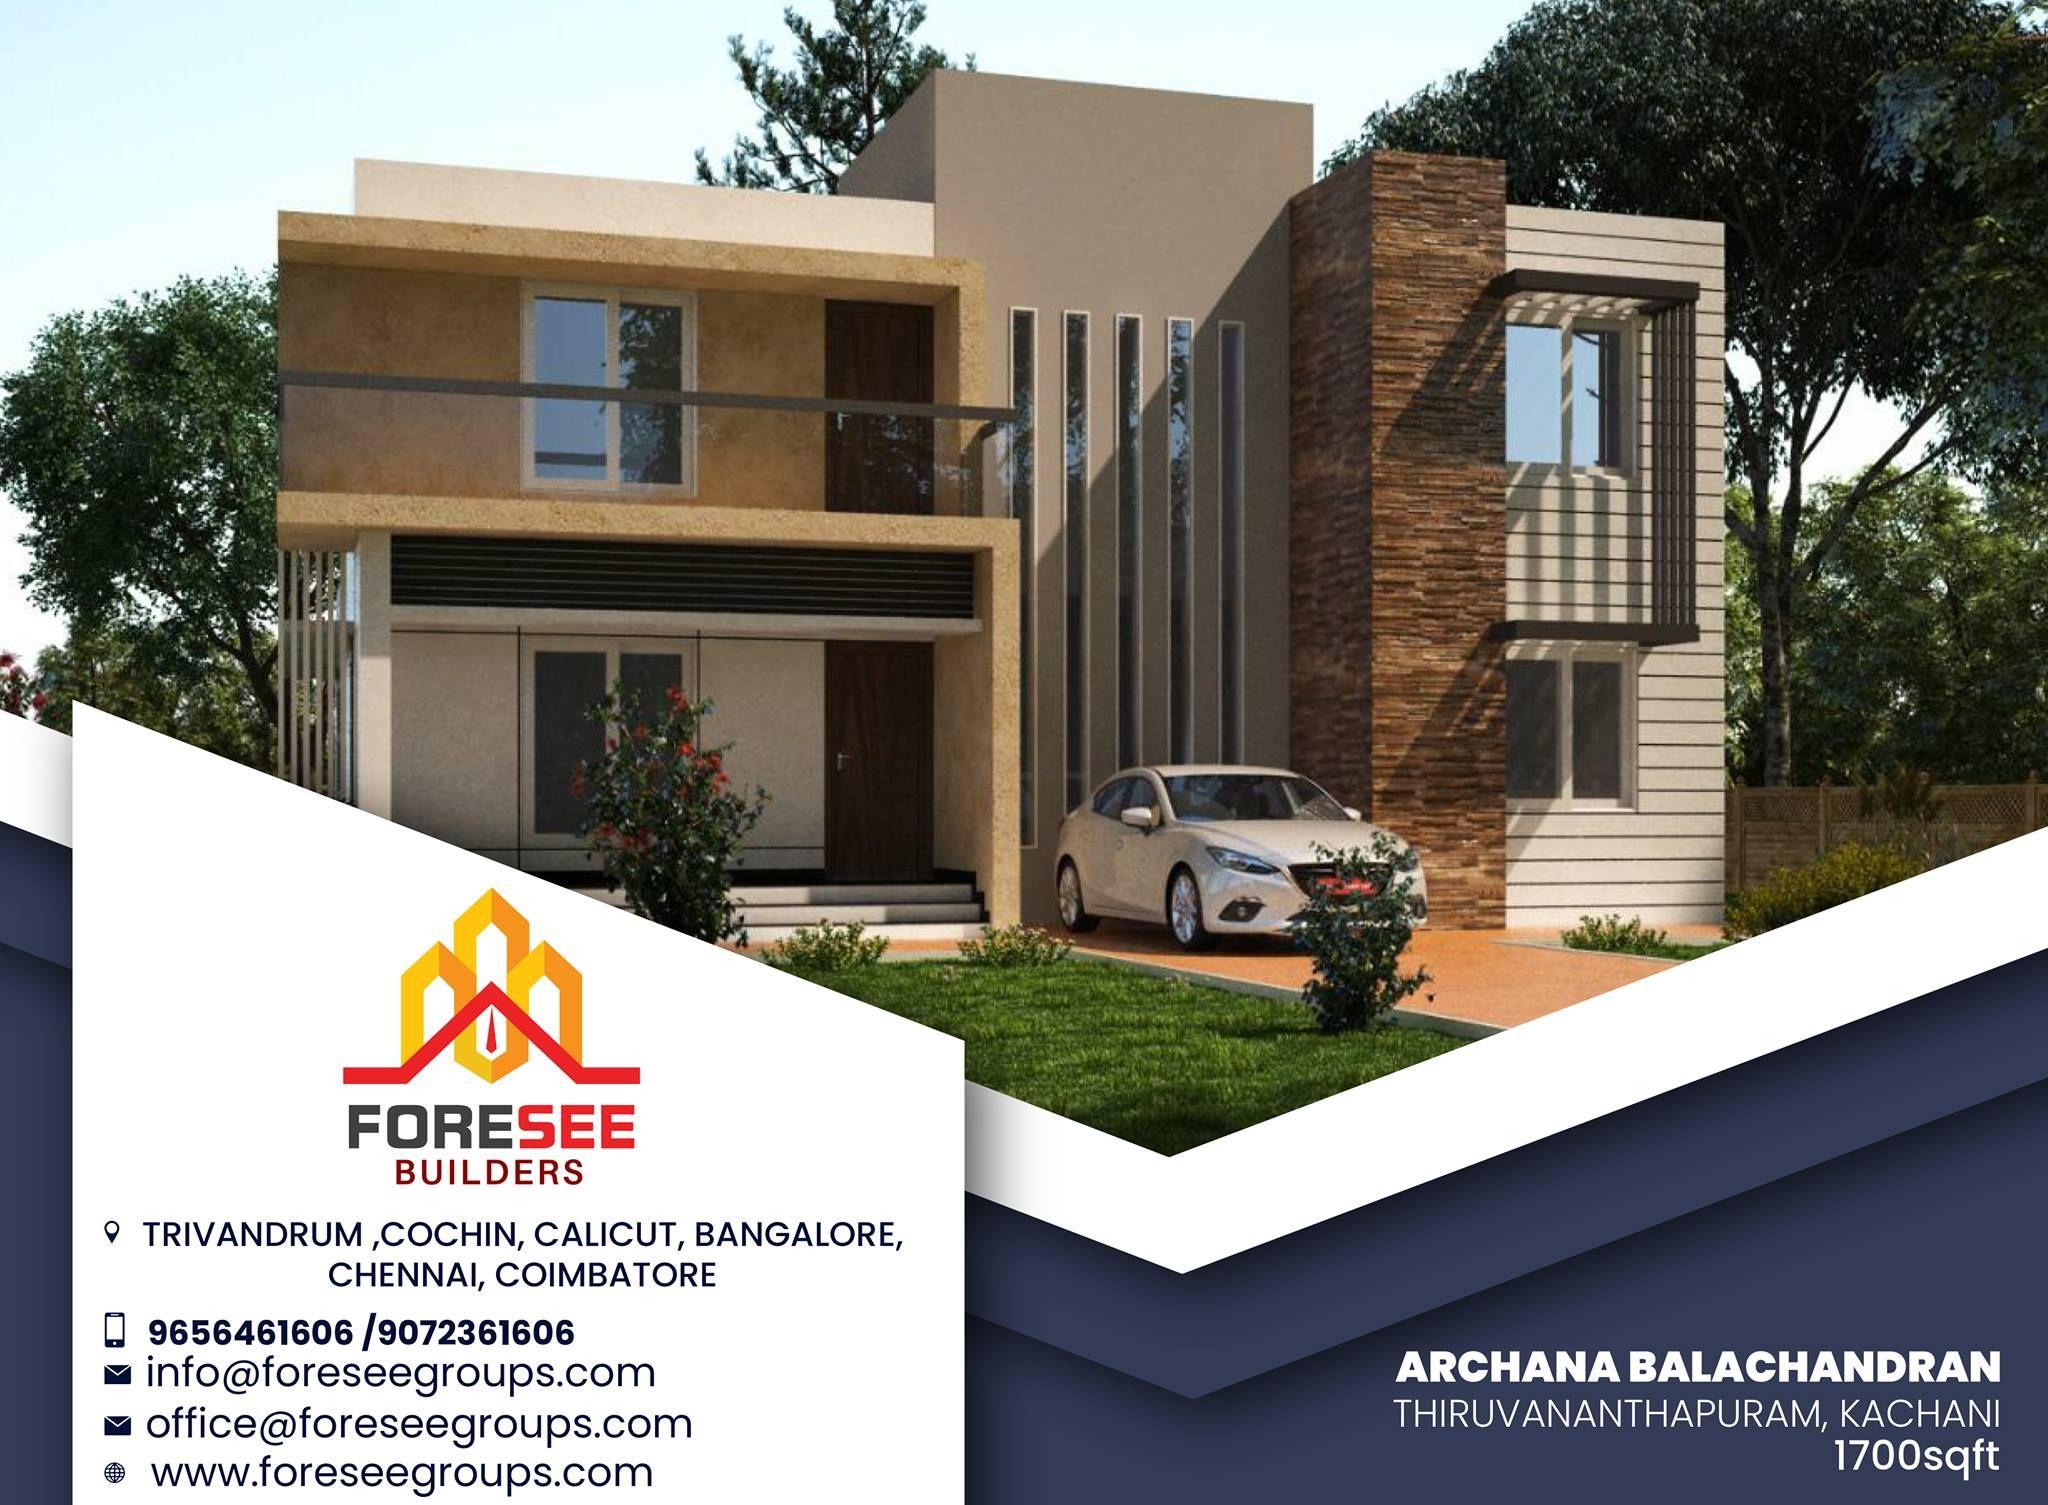 Builder S Social Media Poster Design In 2020 Interior Architecture Design Interior Architecture Design